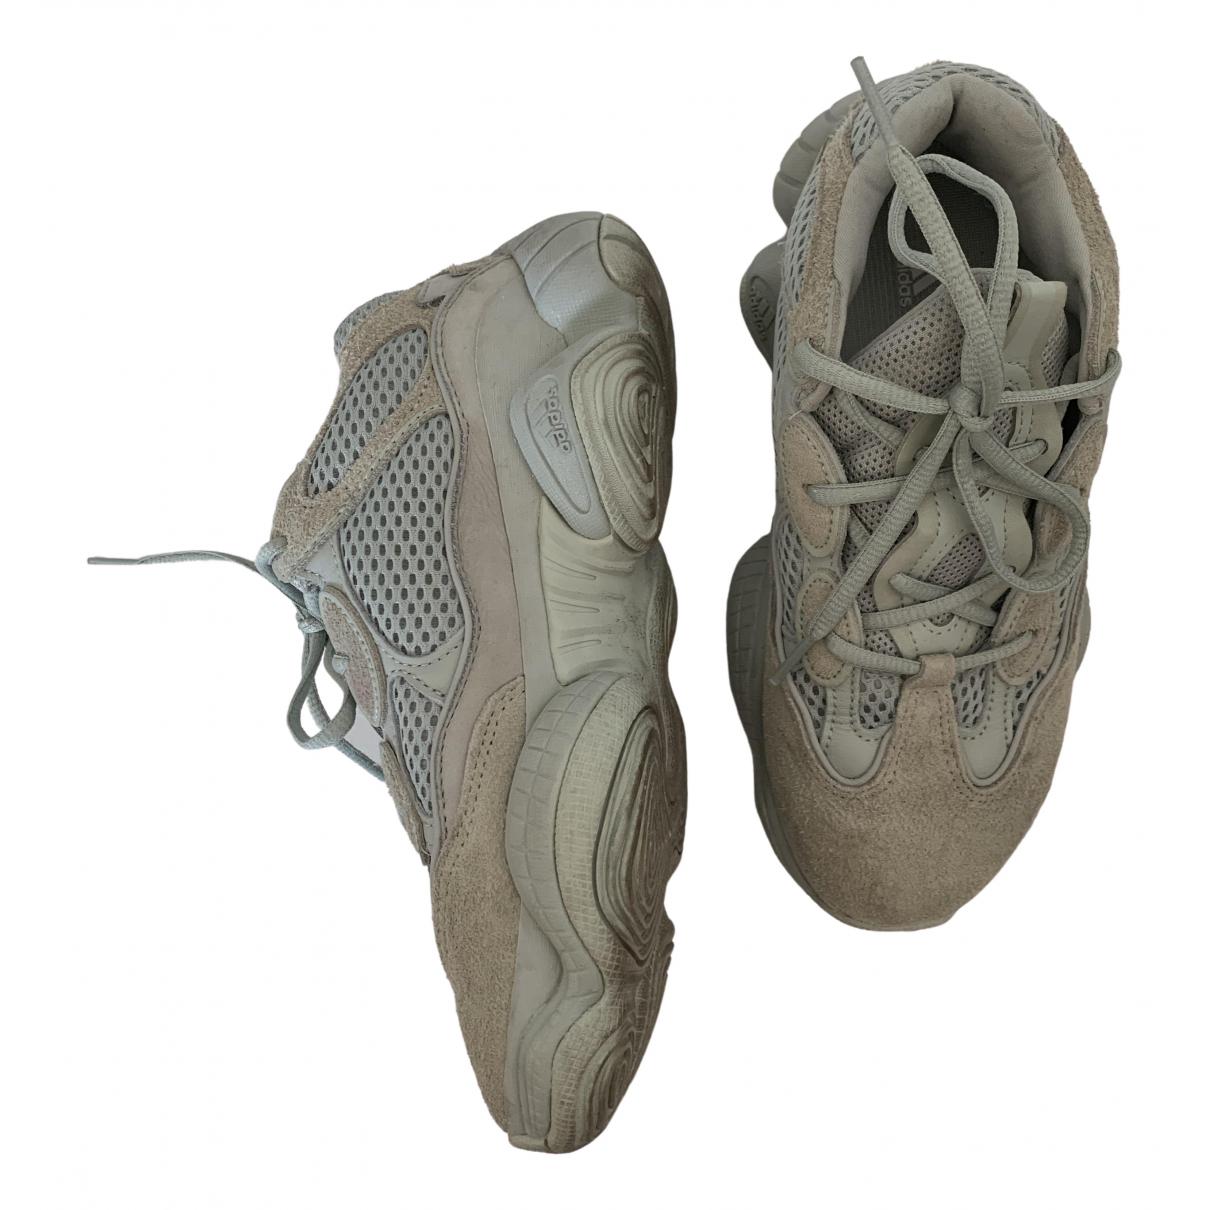 Yeezy X Adidas - Baskets 500 pour femme en suede - gris